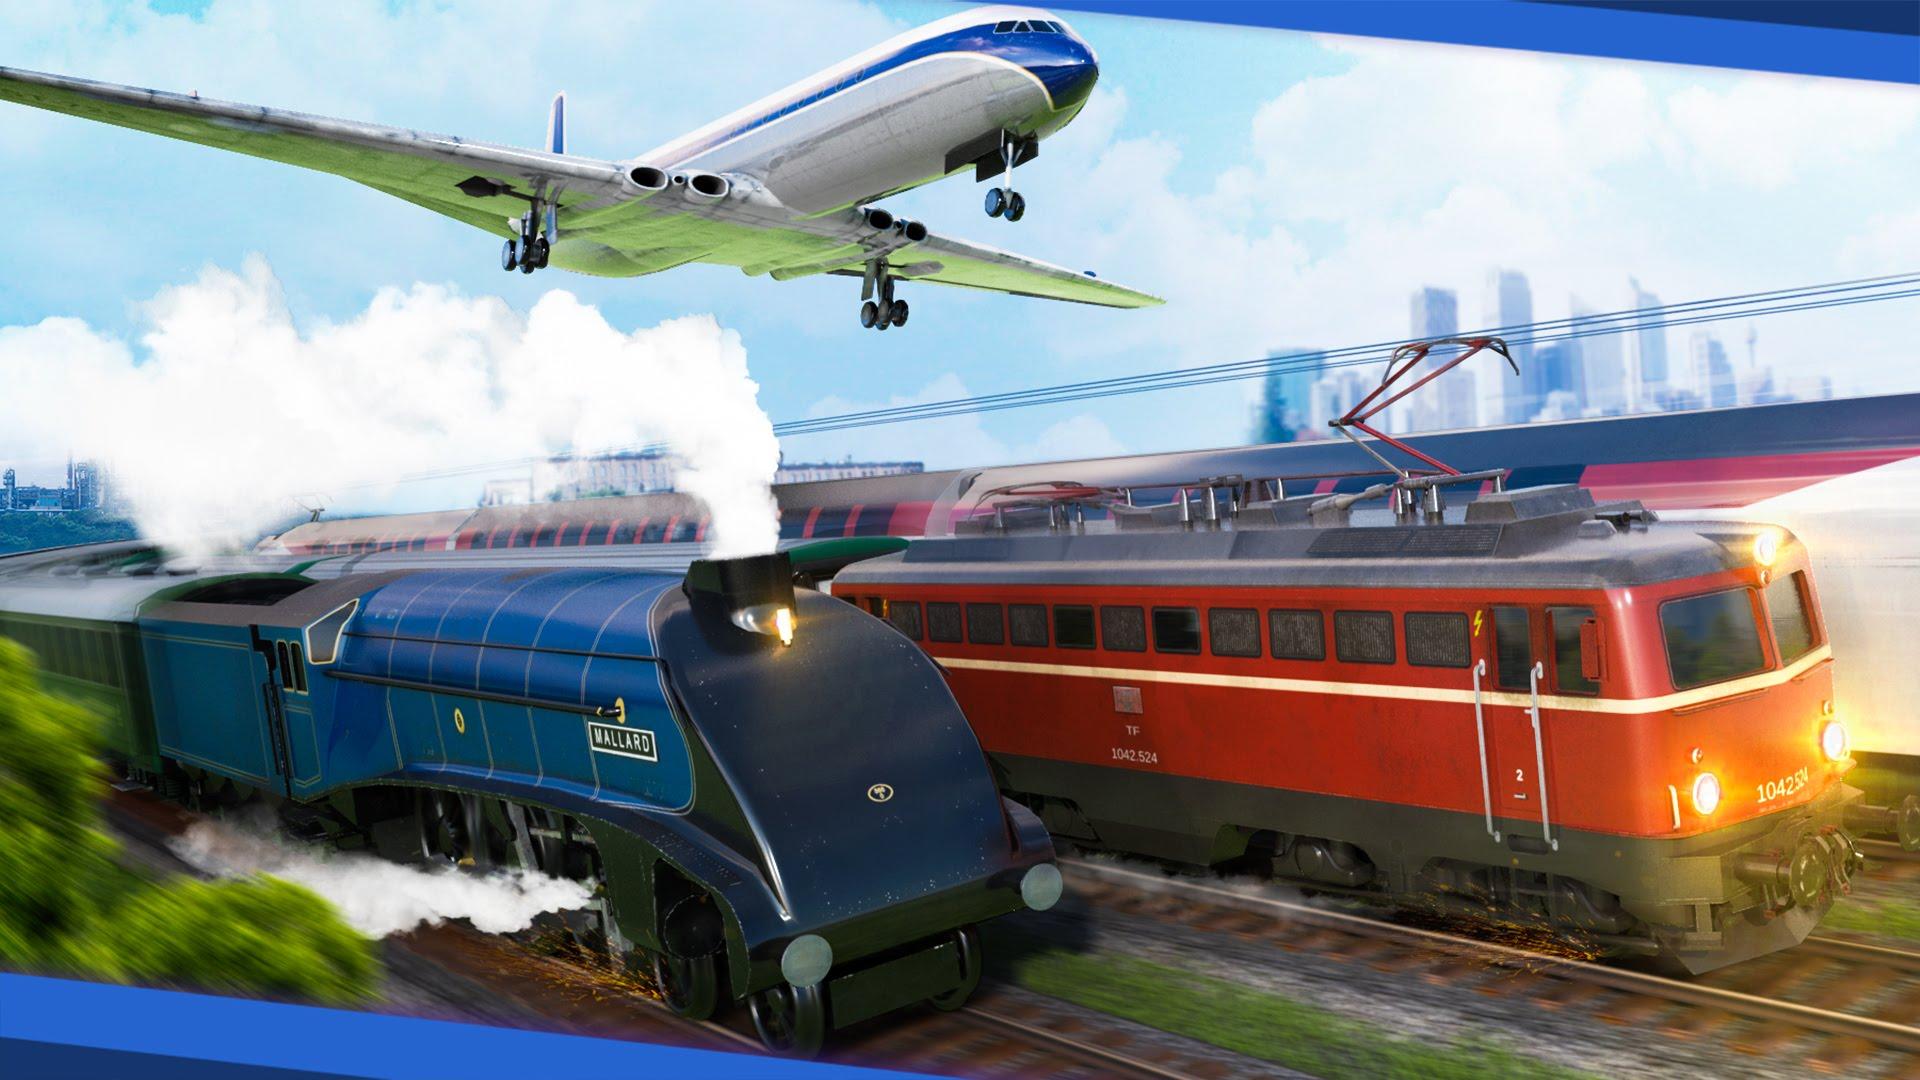 TRANSPORT FEVER: Fahrzeuge, Modding, Kampagne Und Infos I